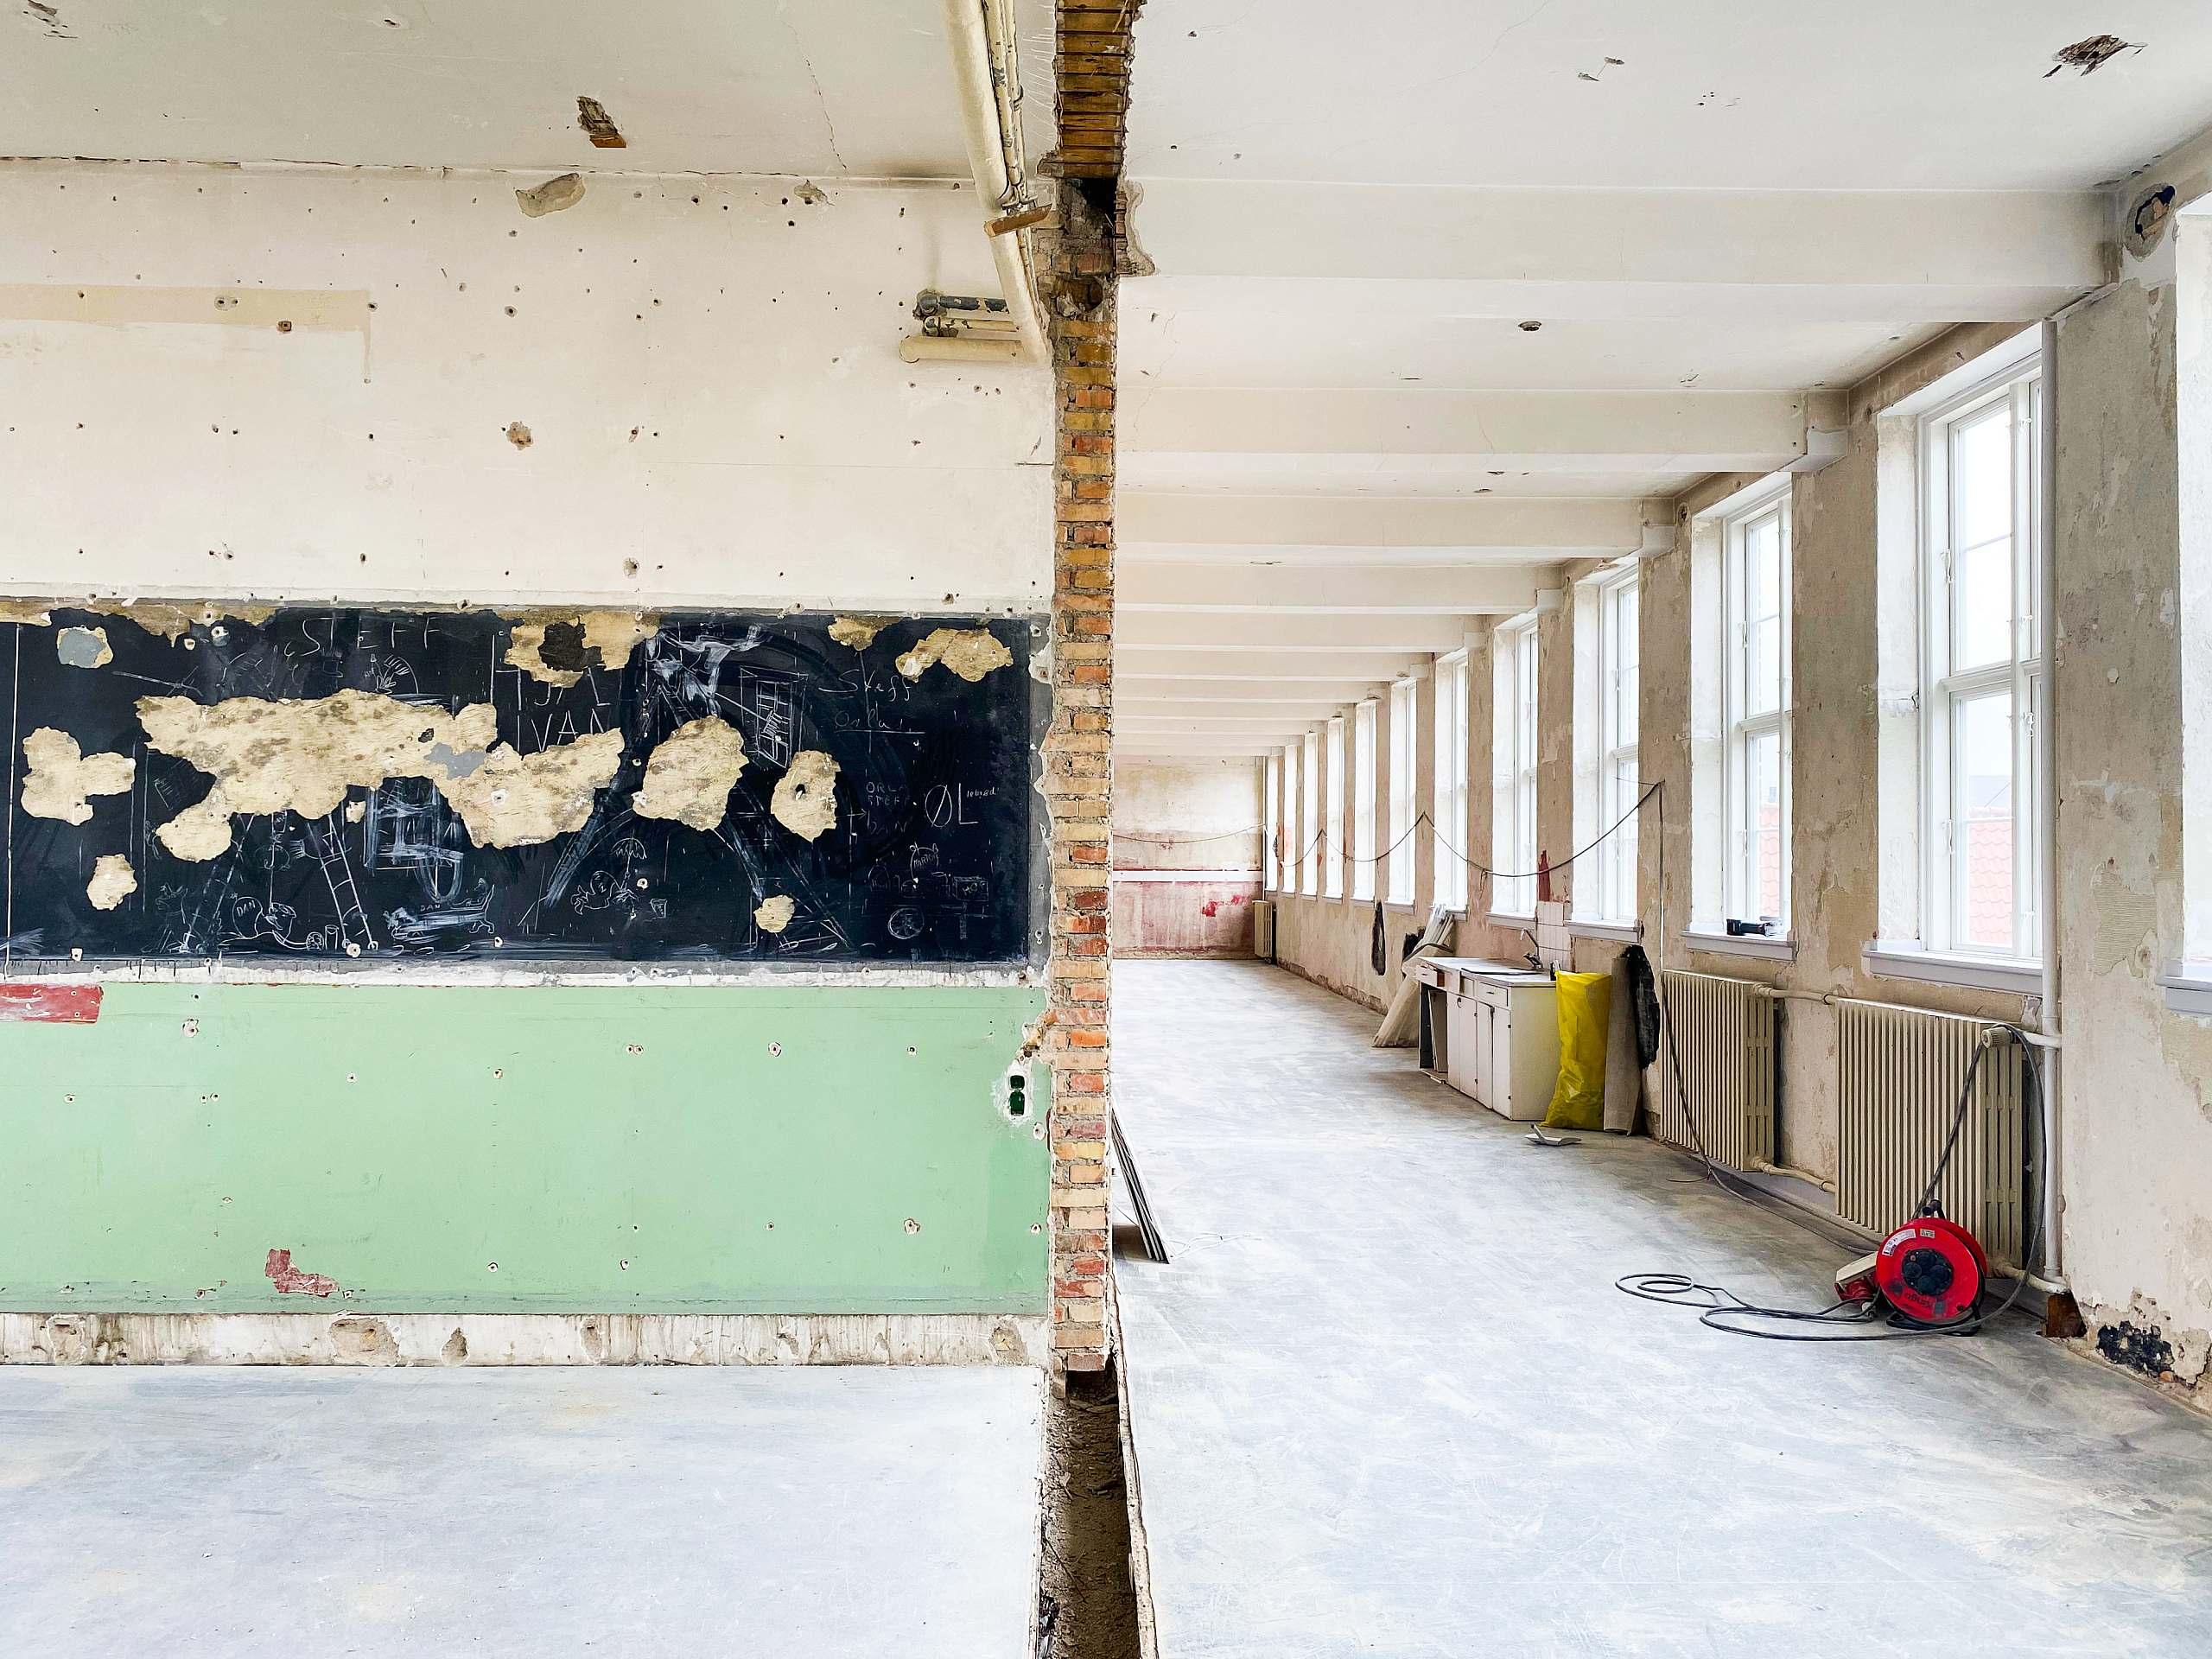 Gråbrødre Skole under renovering